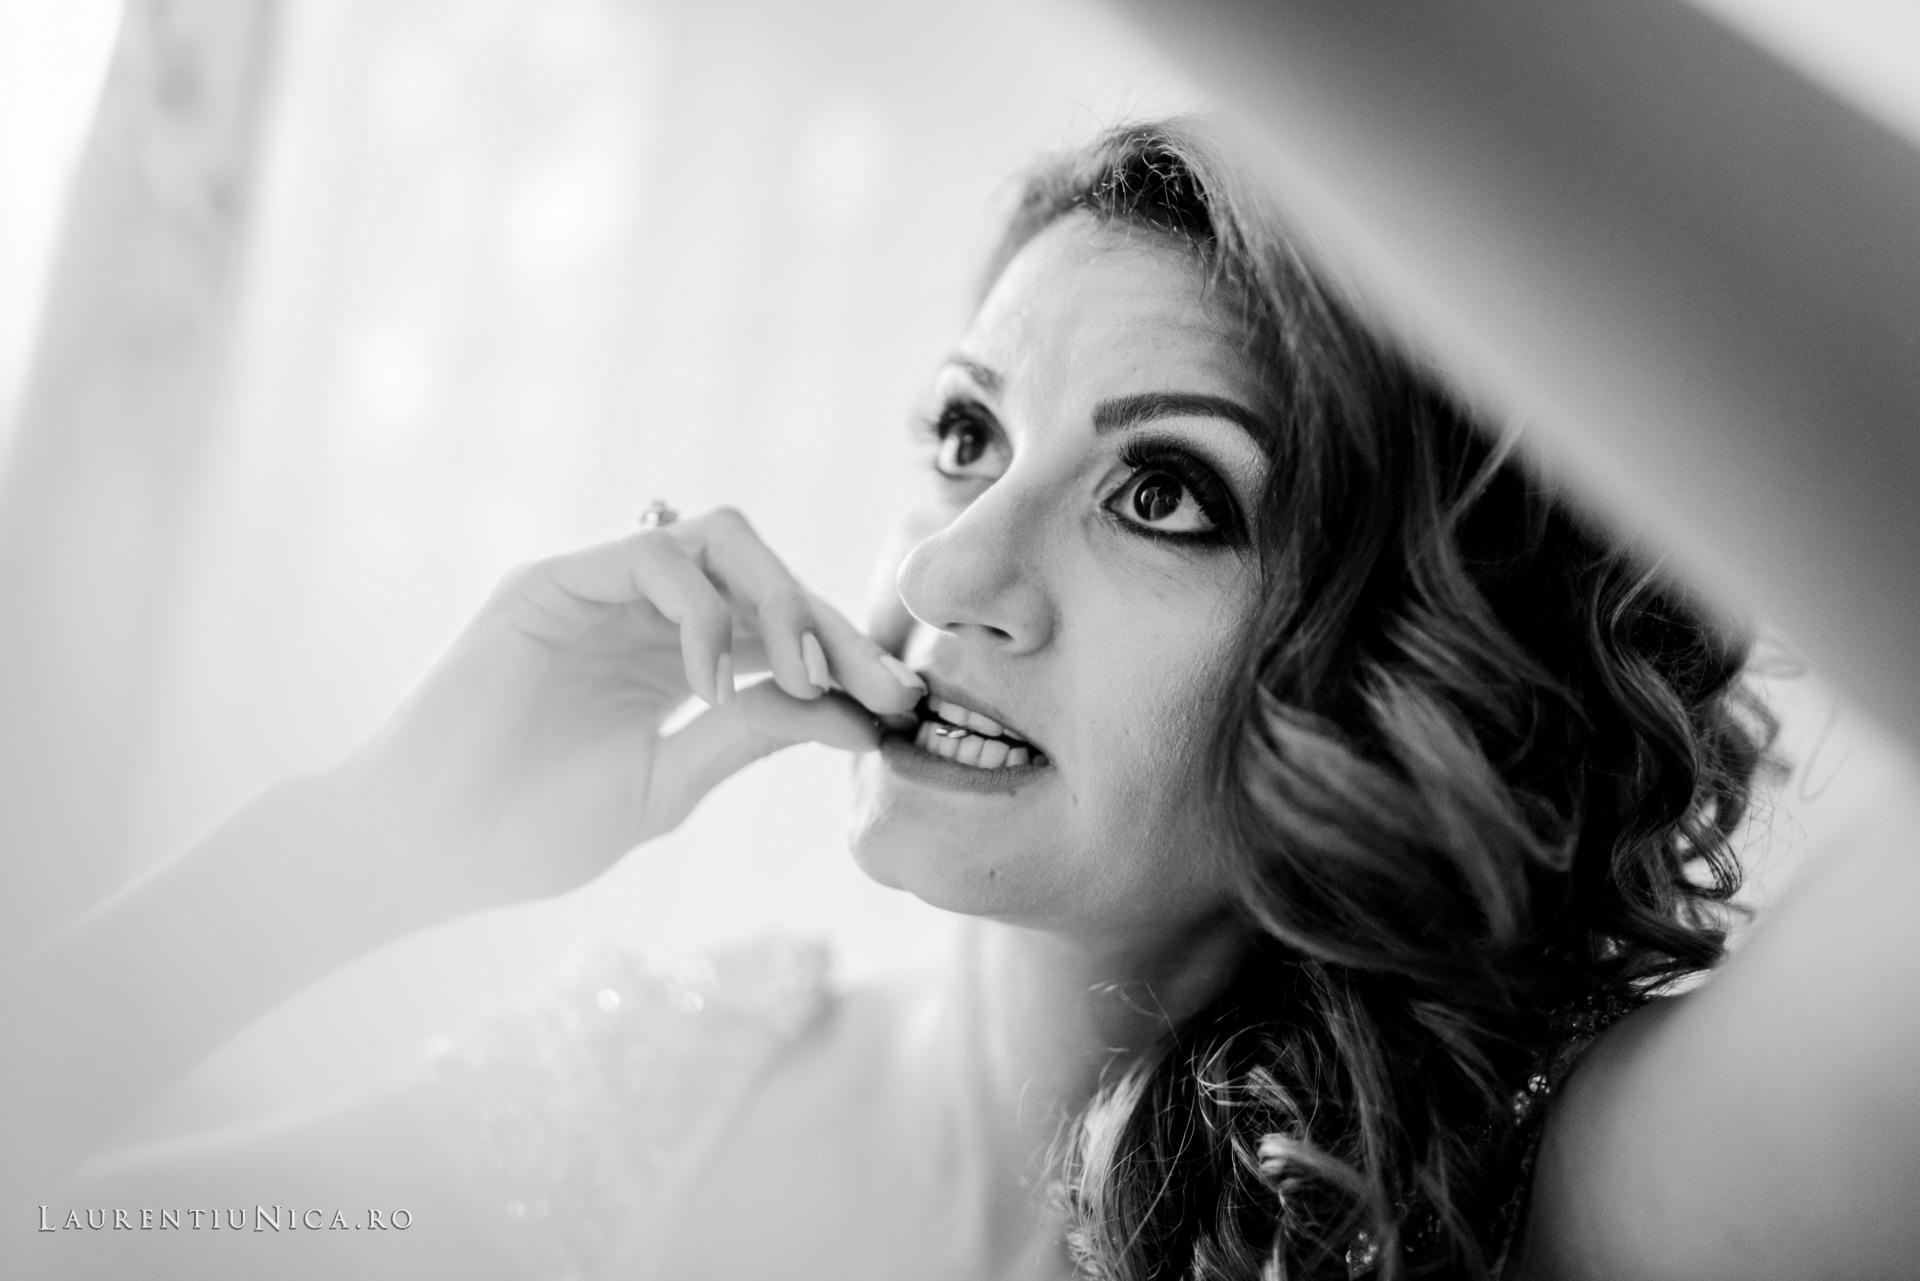 carolina si sorin craiova fotograf nunta laurentiu nica12 - Carolina & Sorin | Fotografii nunta